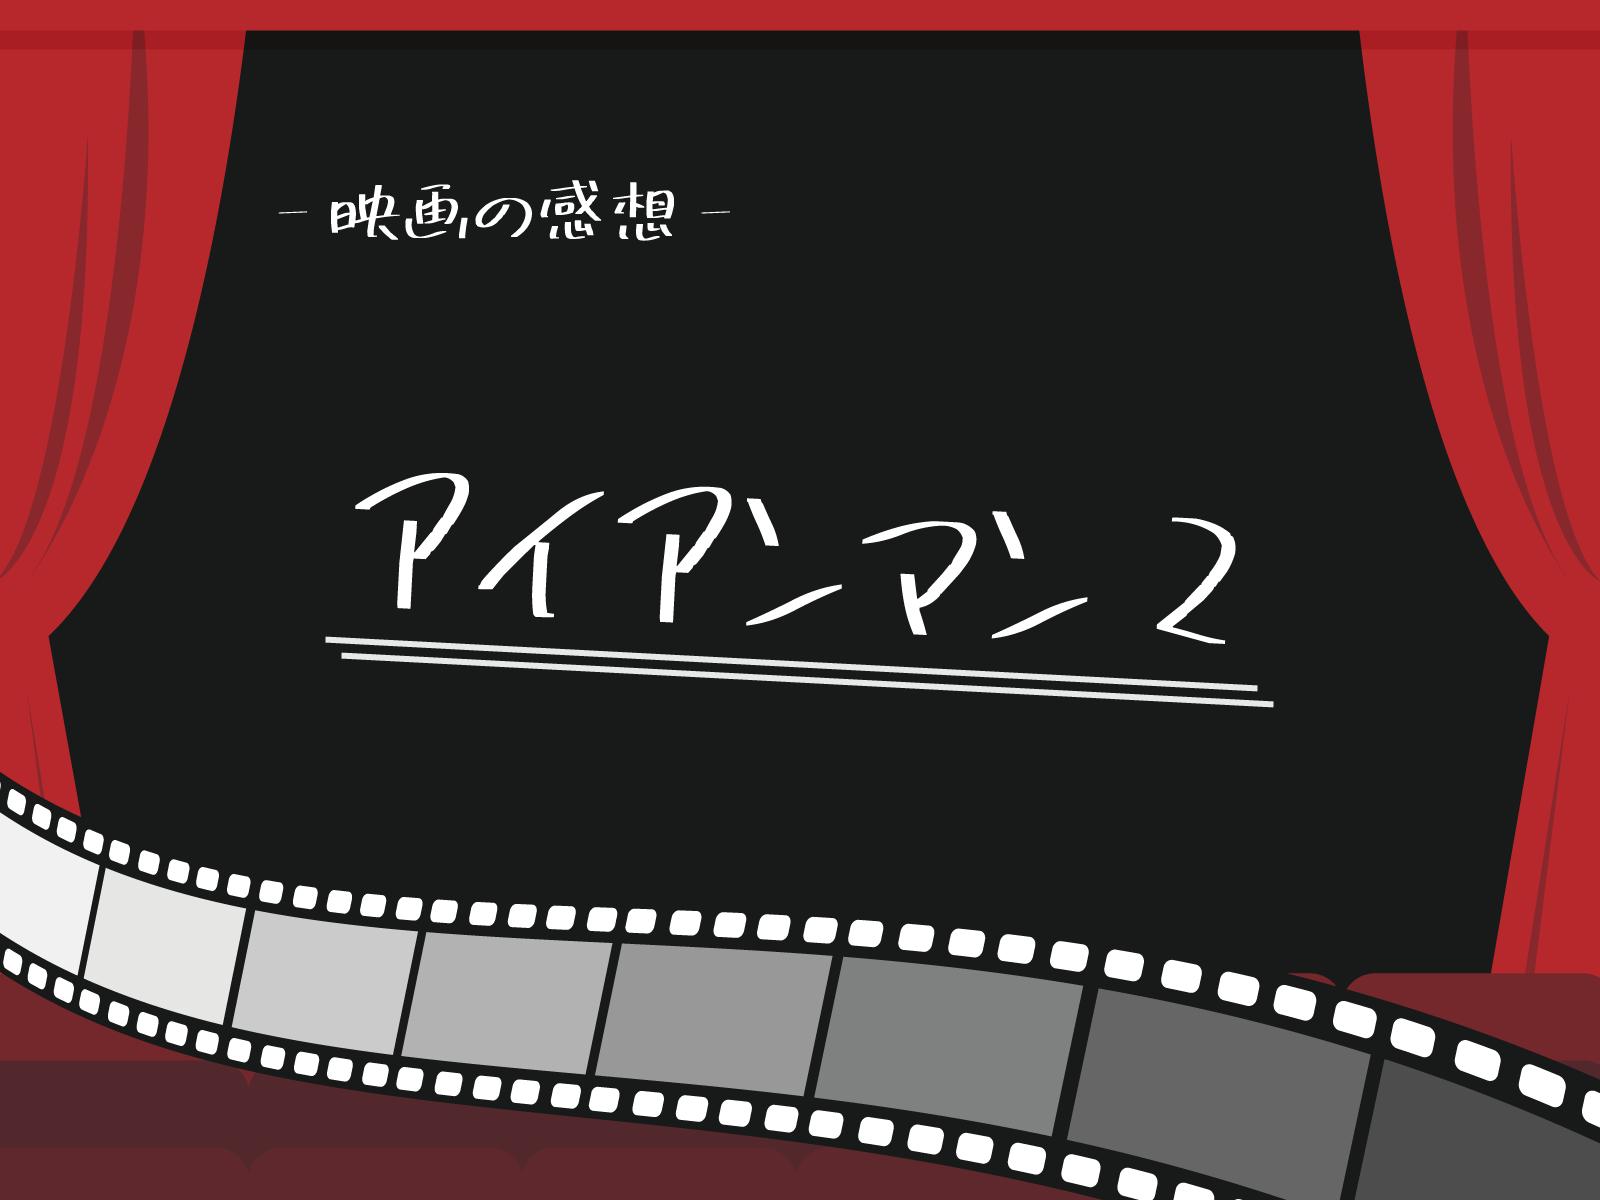 アイアンマン2, 映画, 感想